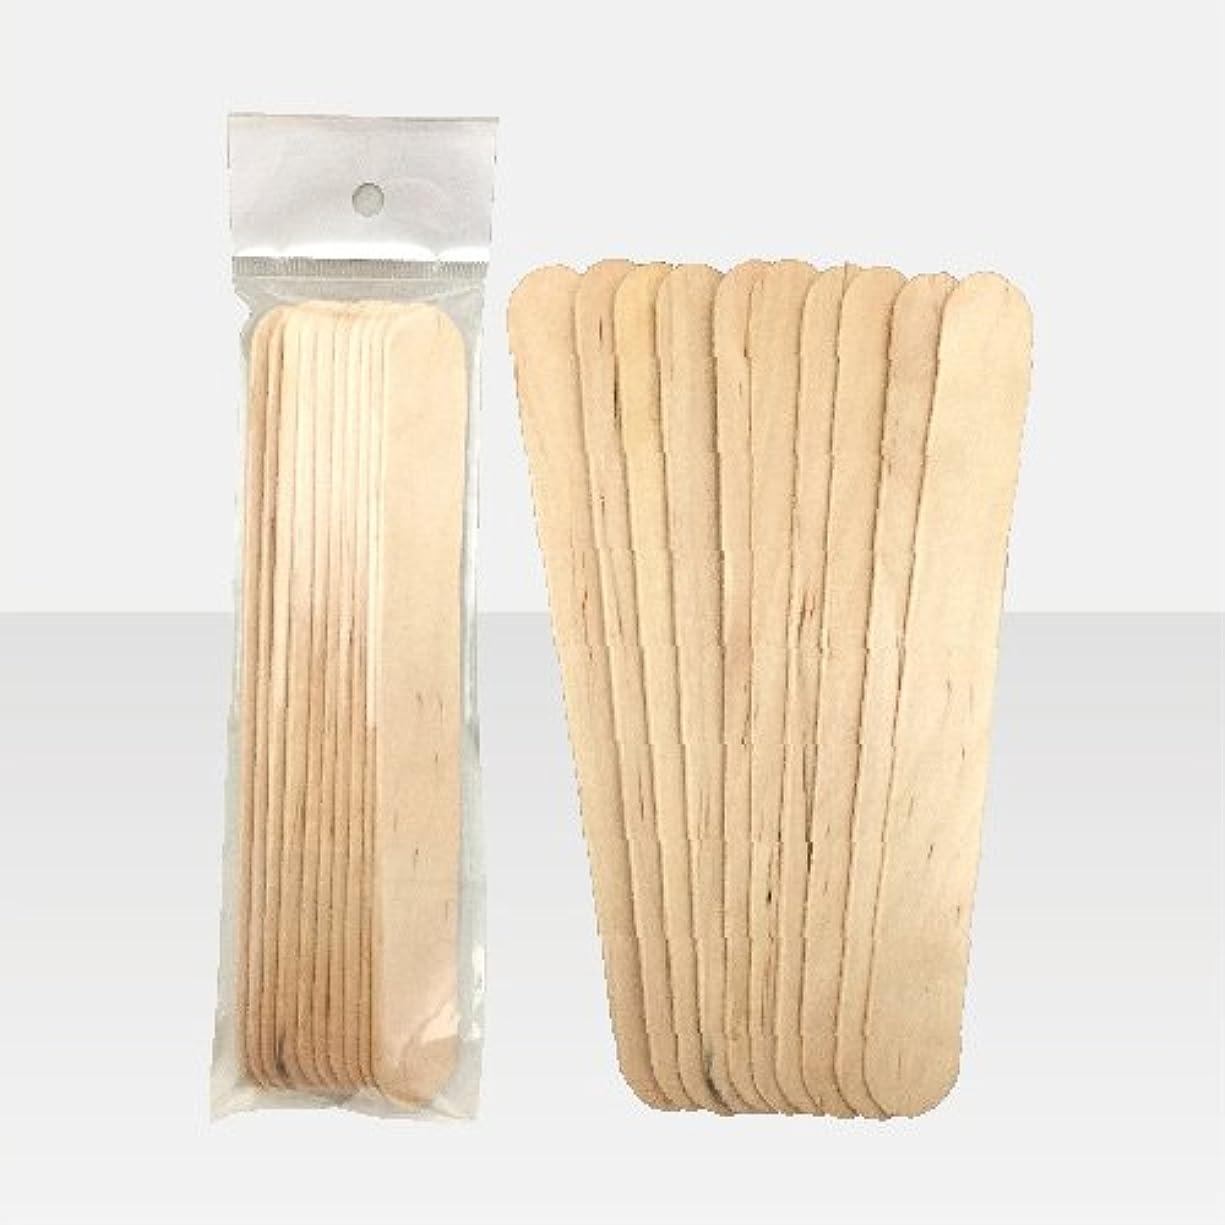 全滅させるボーダー共感するブラジリアンワックス 脱毛ワックス用  ワックススパチュラ 木ベラ /10本セット Mサイズ